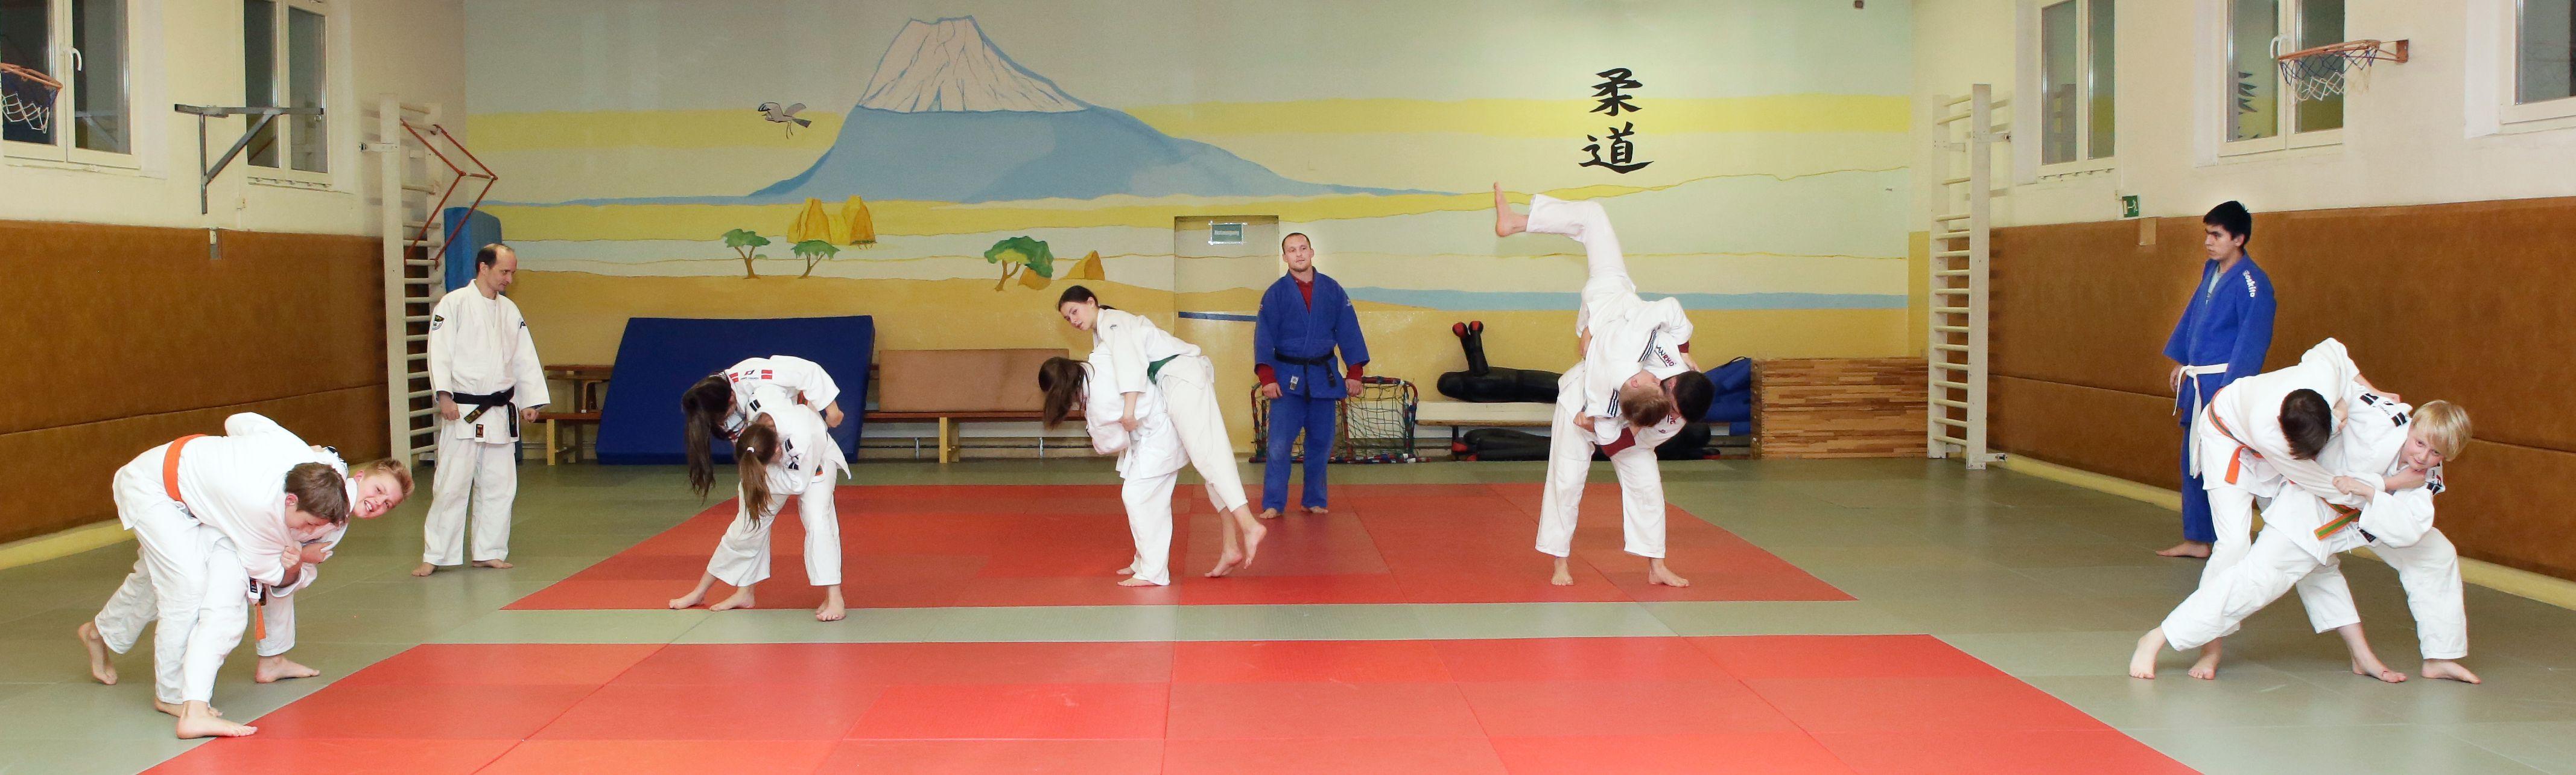 Slider3_Judo-compressor